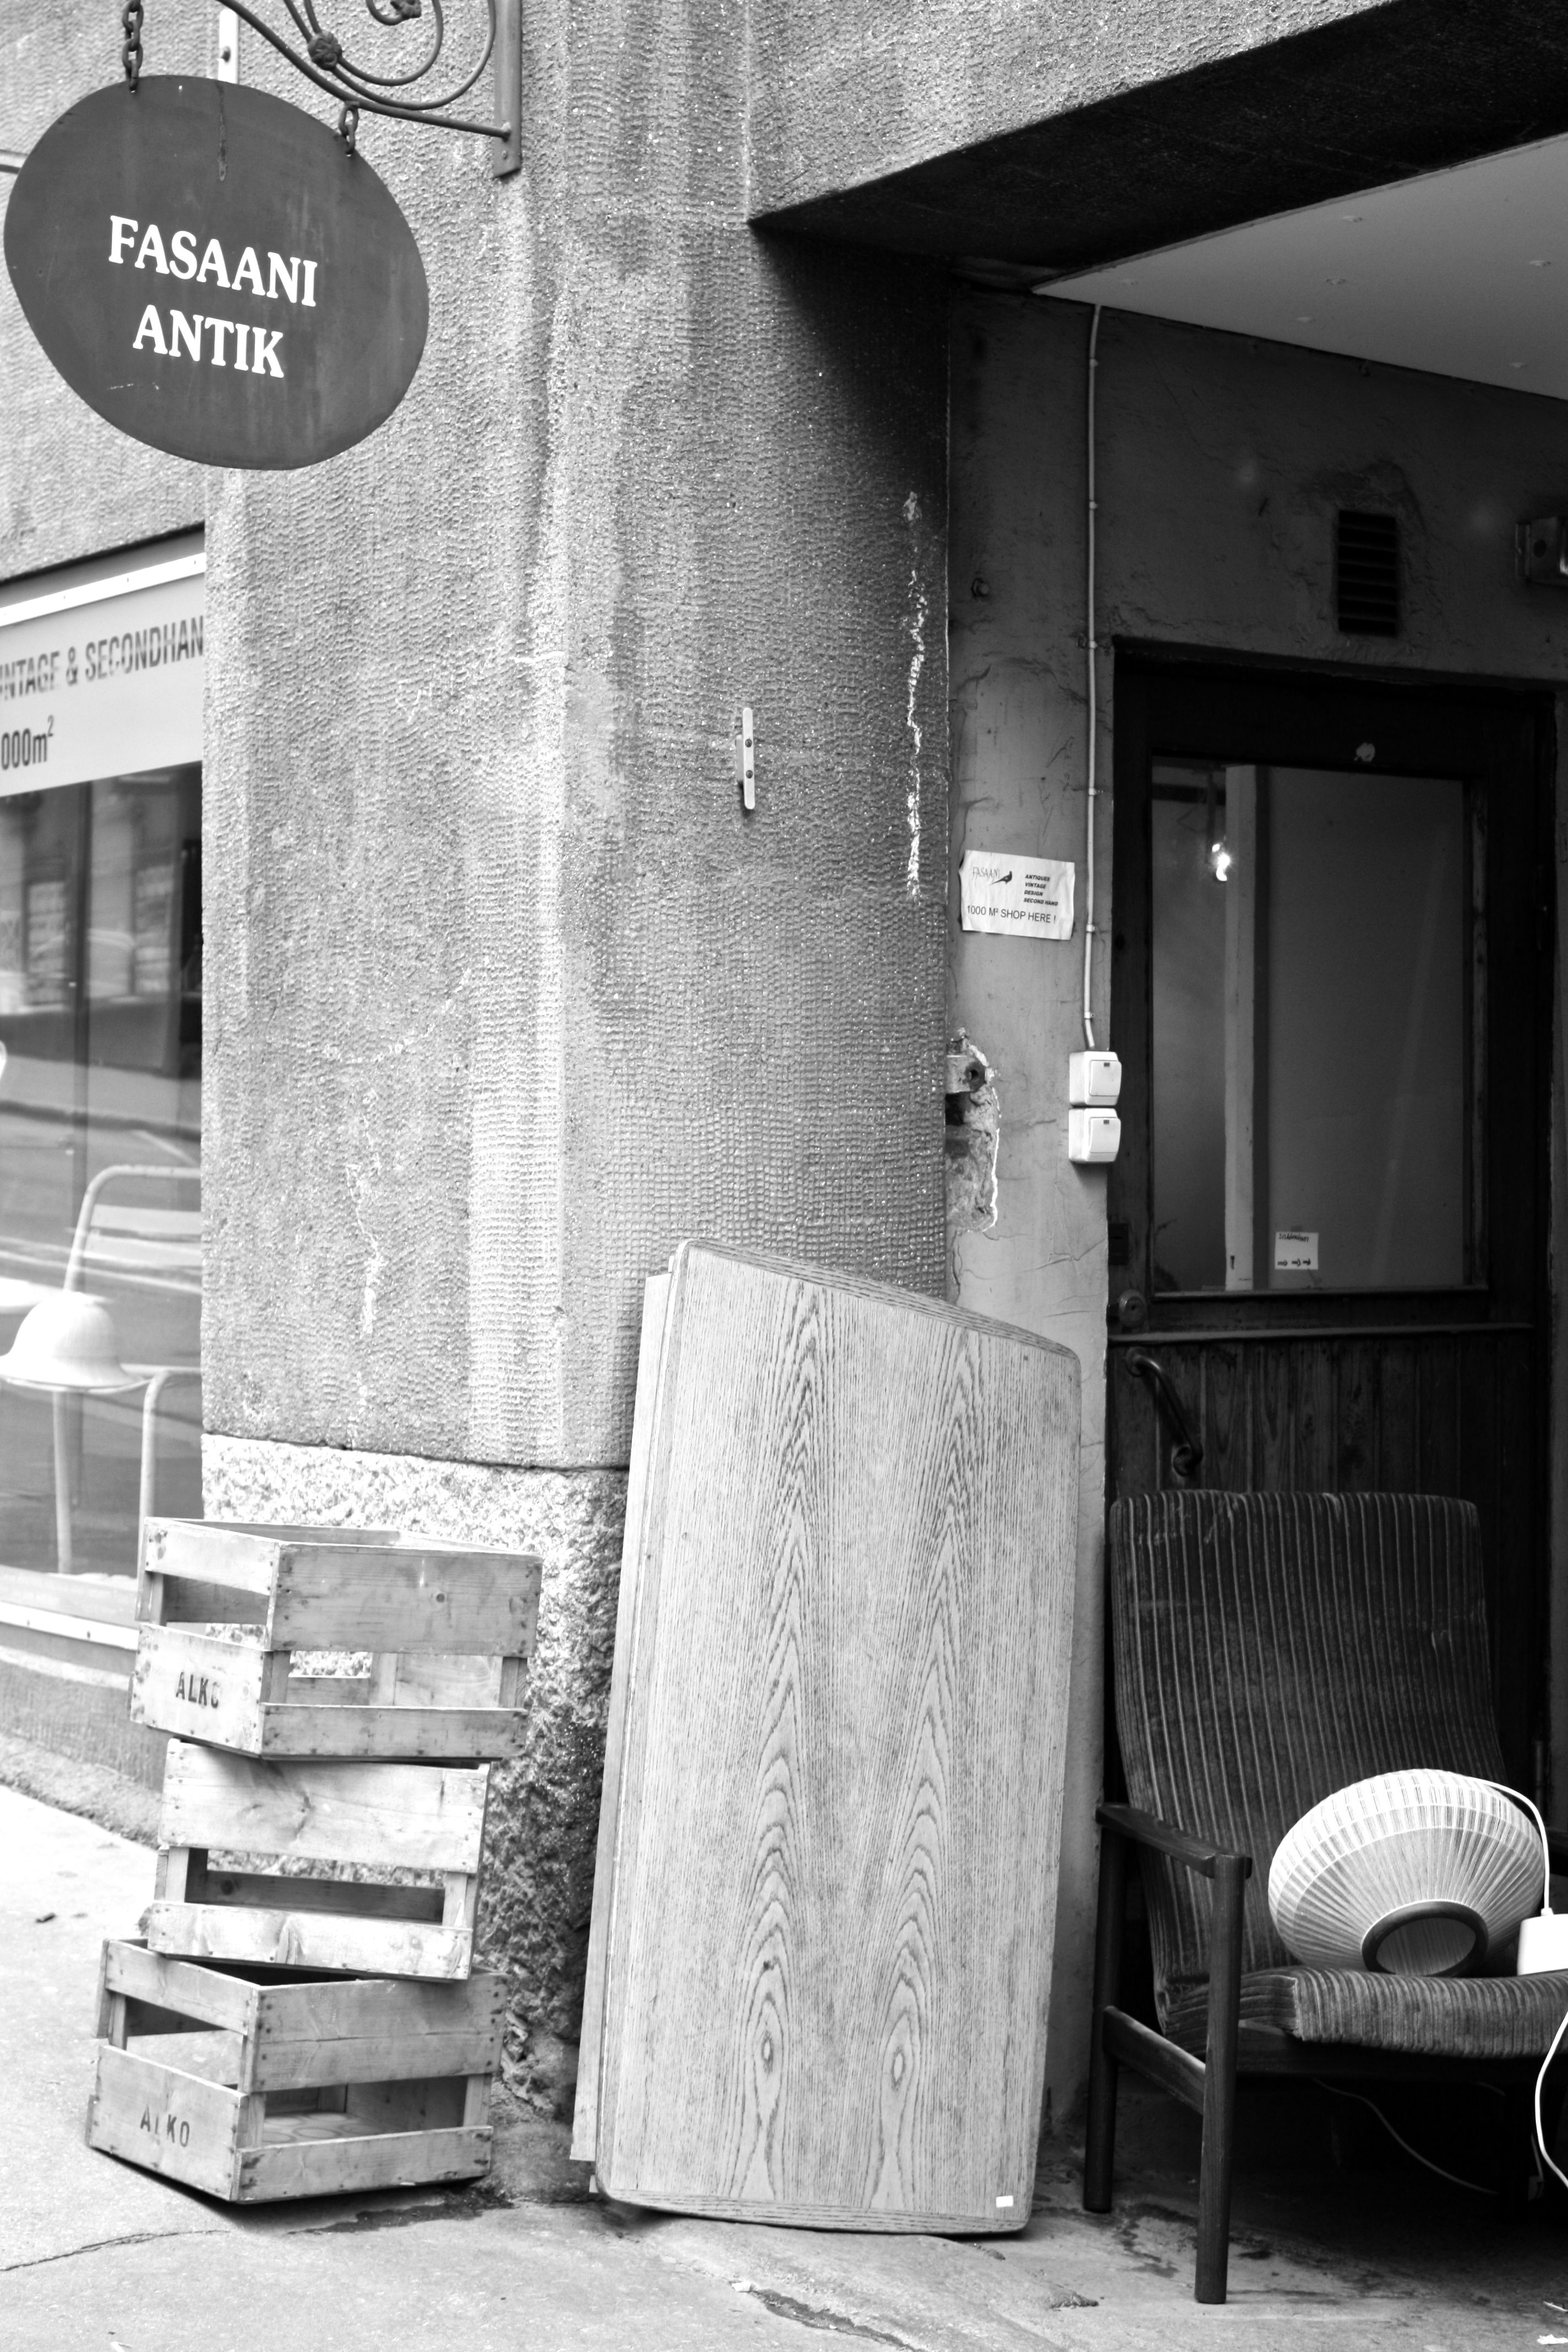 Fasaani Antik Korkeavuorenkatu homevialaura_2049